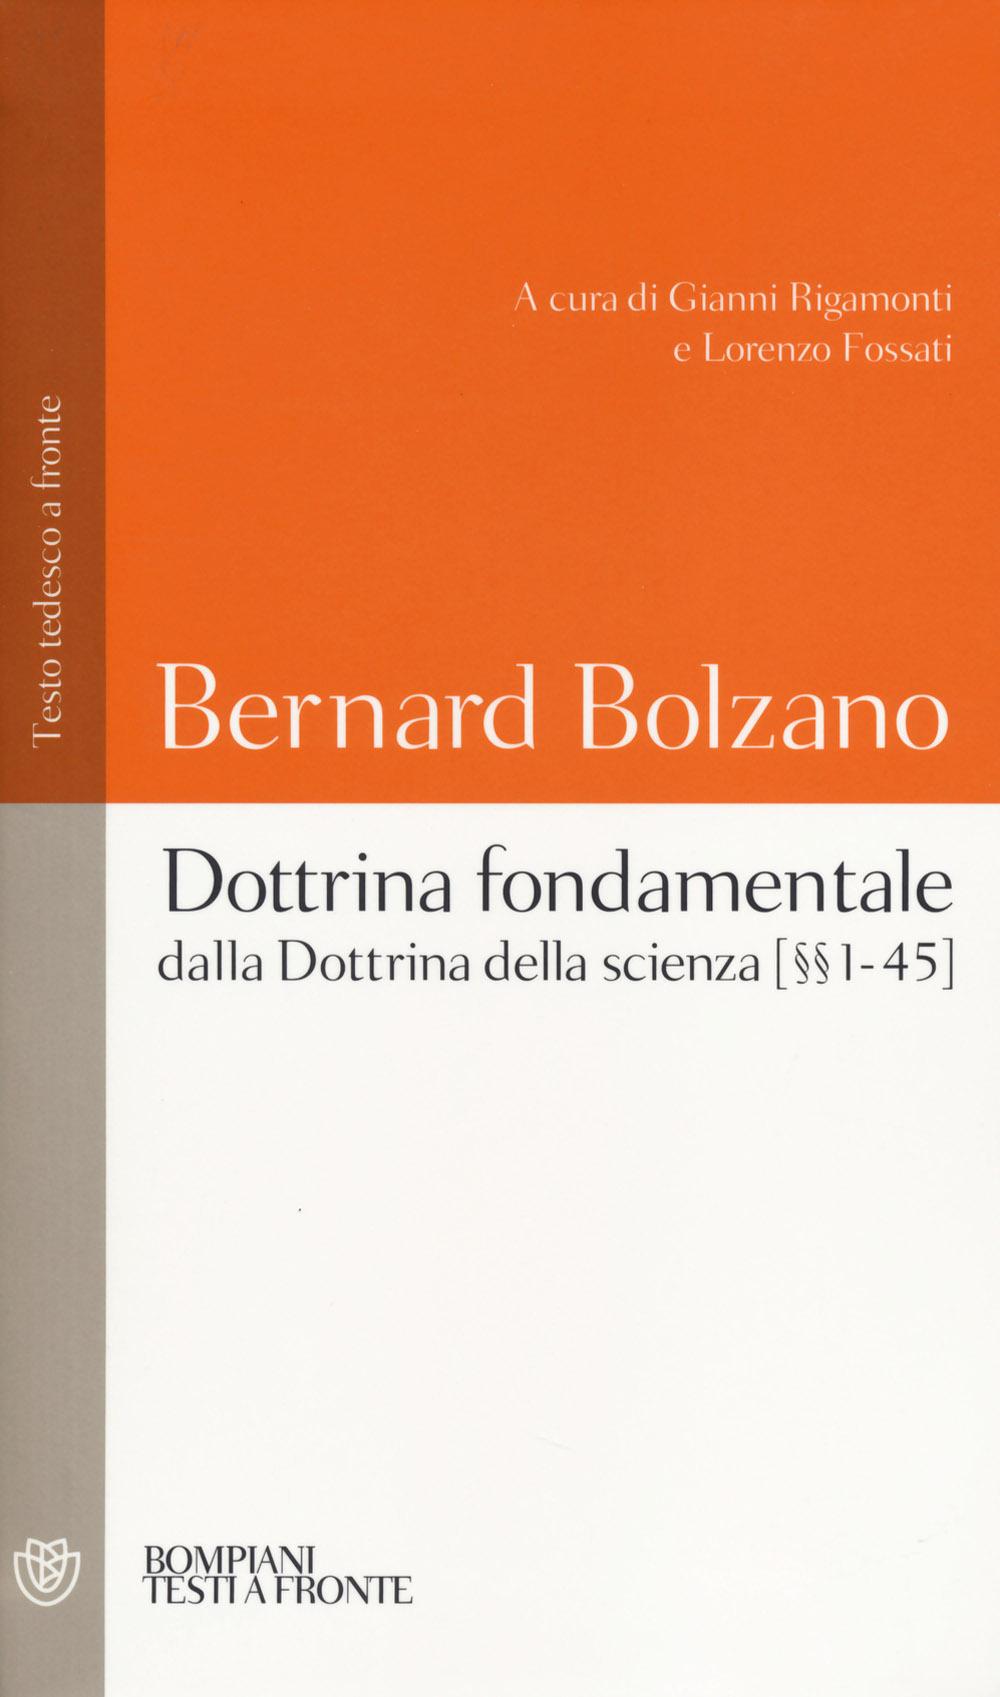 Dottrina fondamentale dalla «Dottrina della scienza». Capitoli (1-45). Testo tedesco a fronte